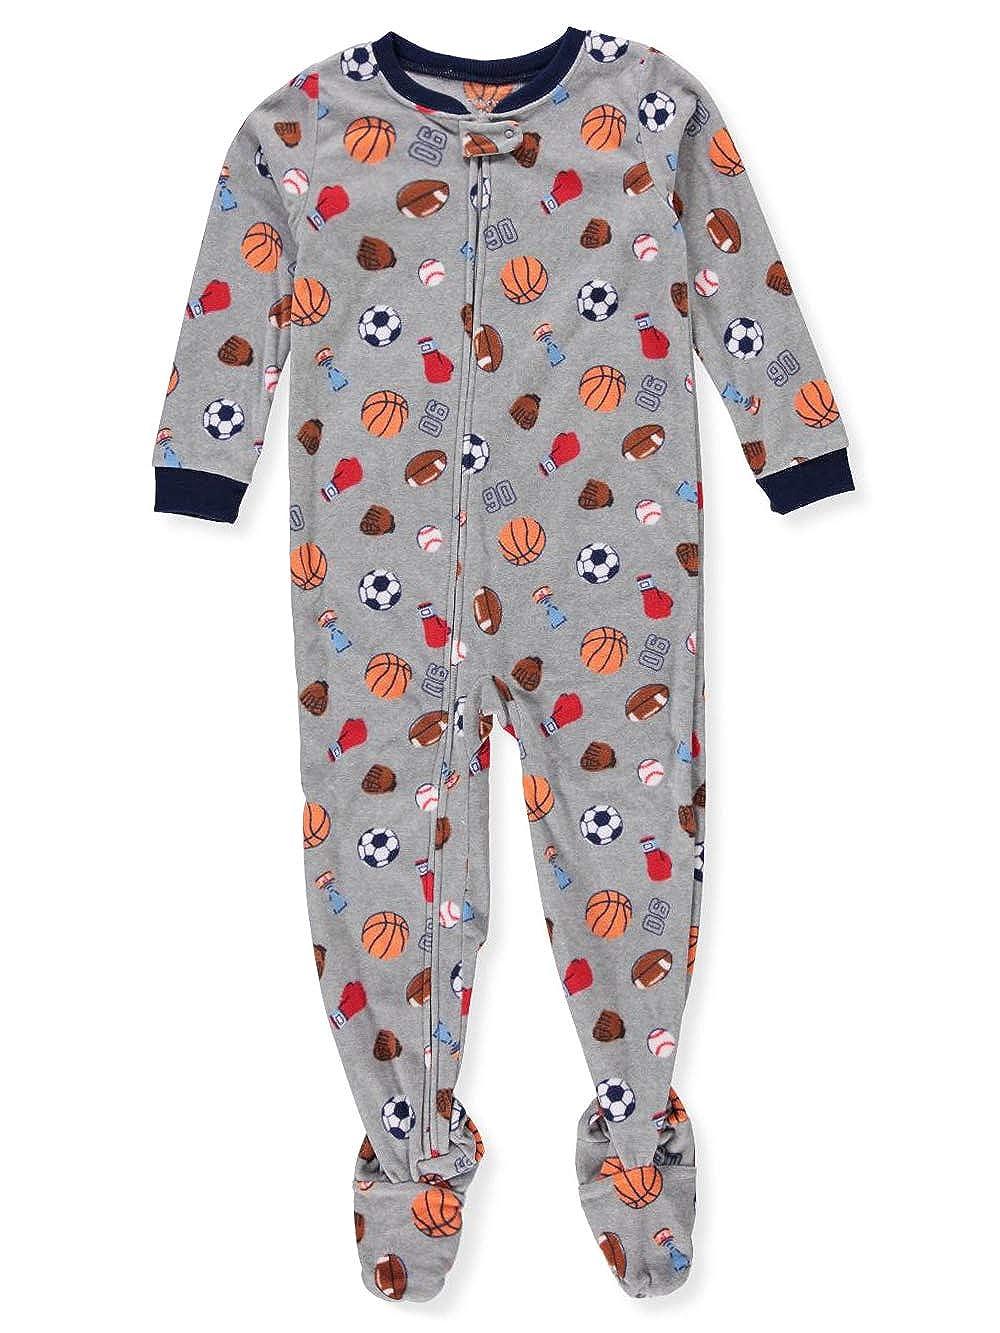 Carter's Boys' 1-Piece Footed Pajamas 5 Carter' s